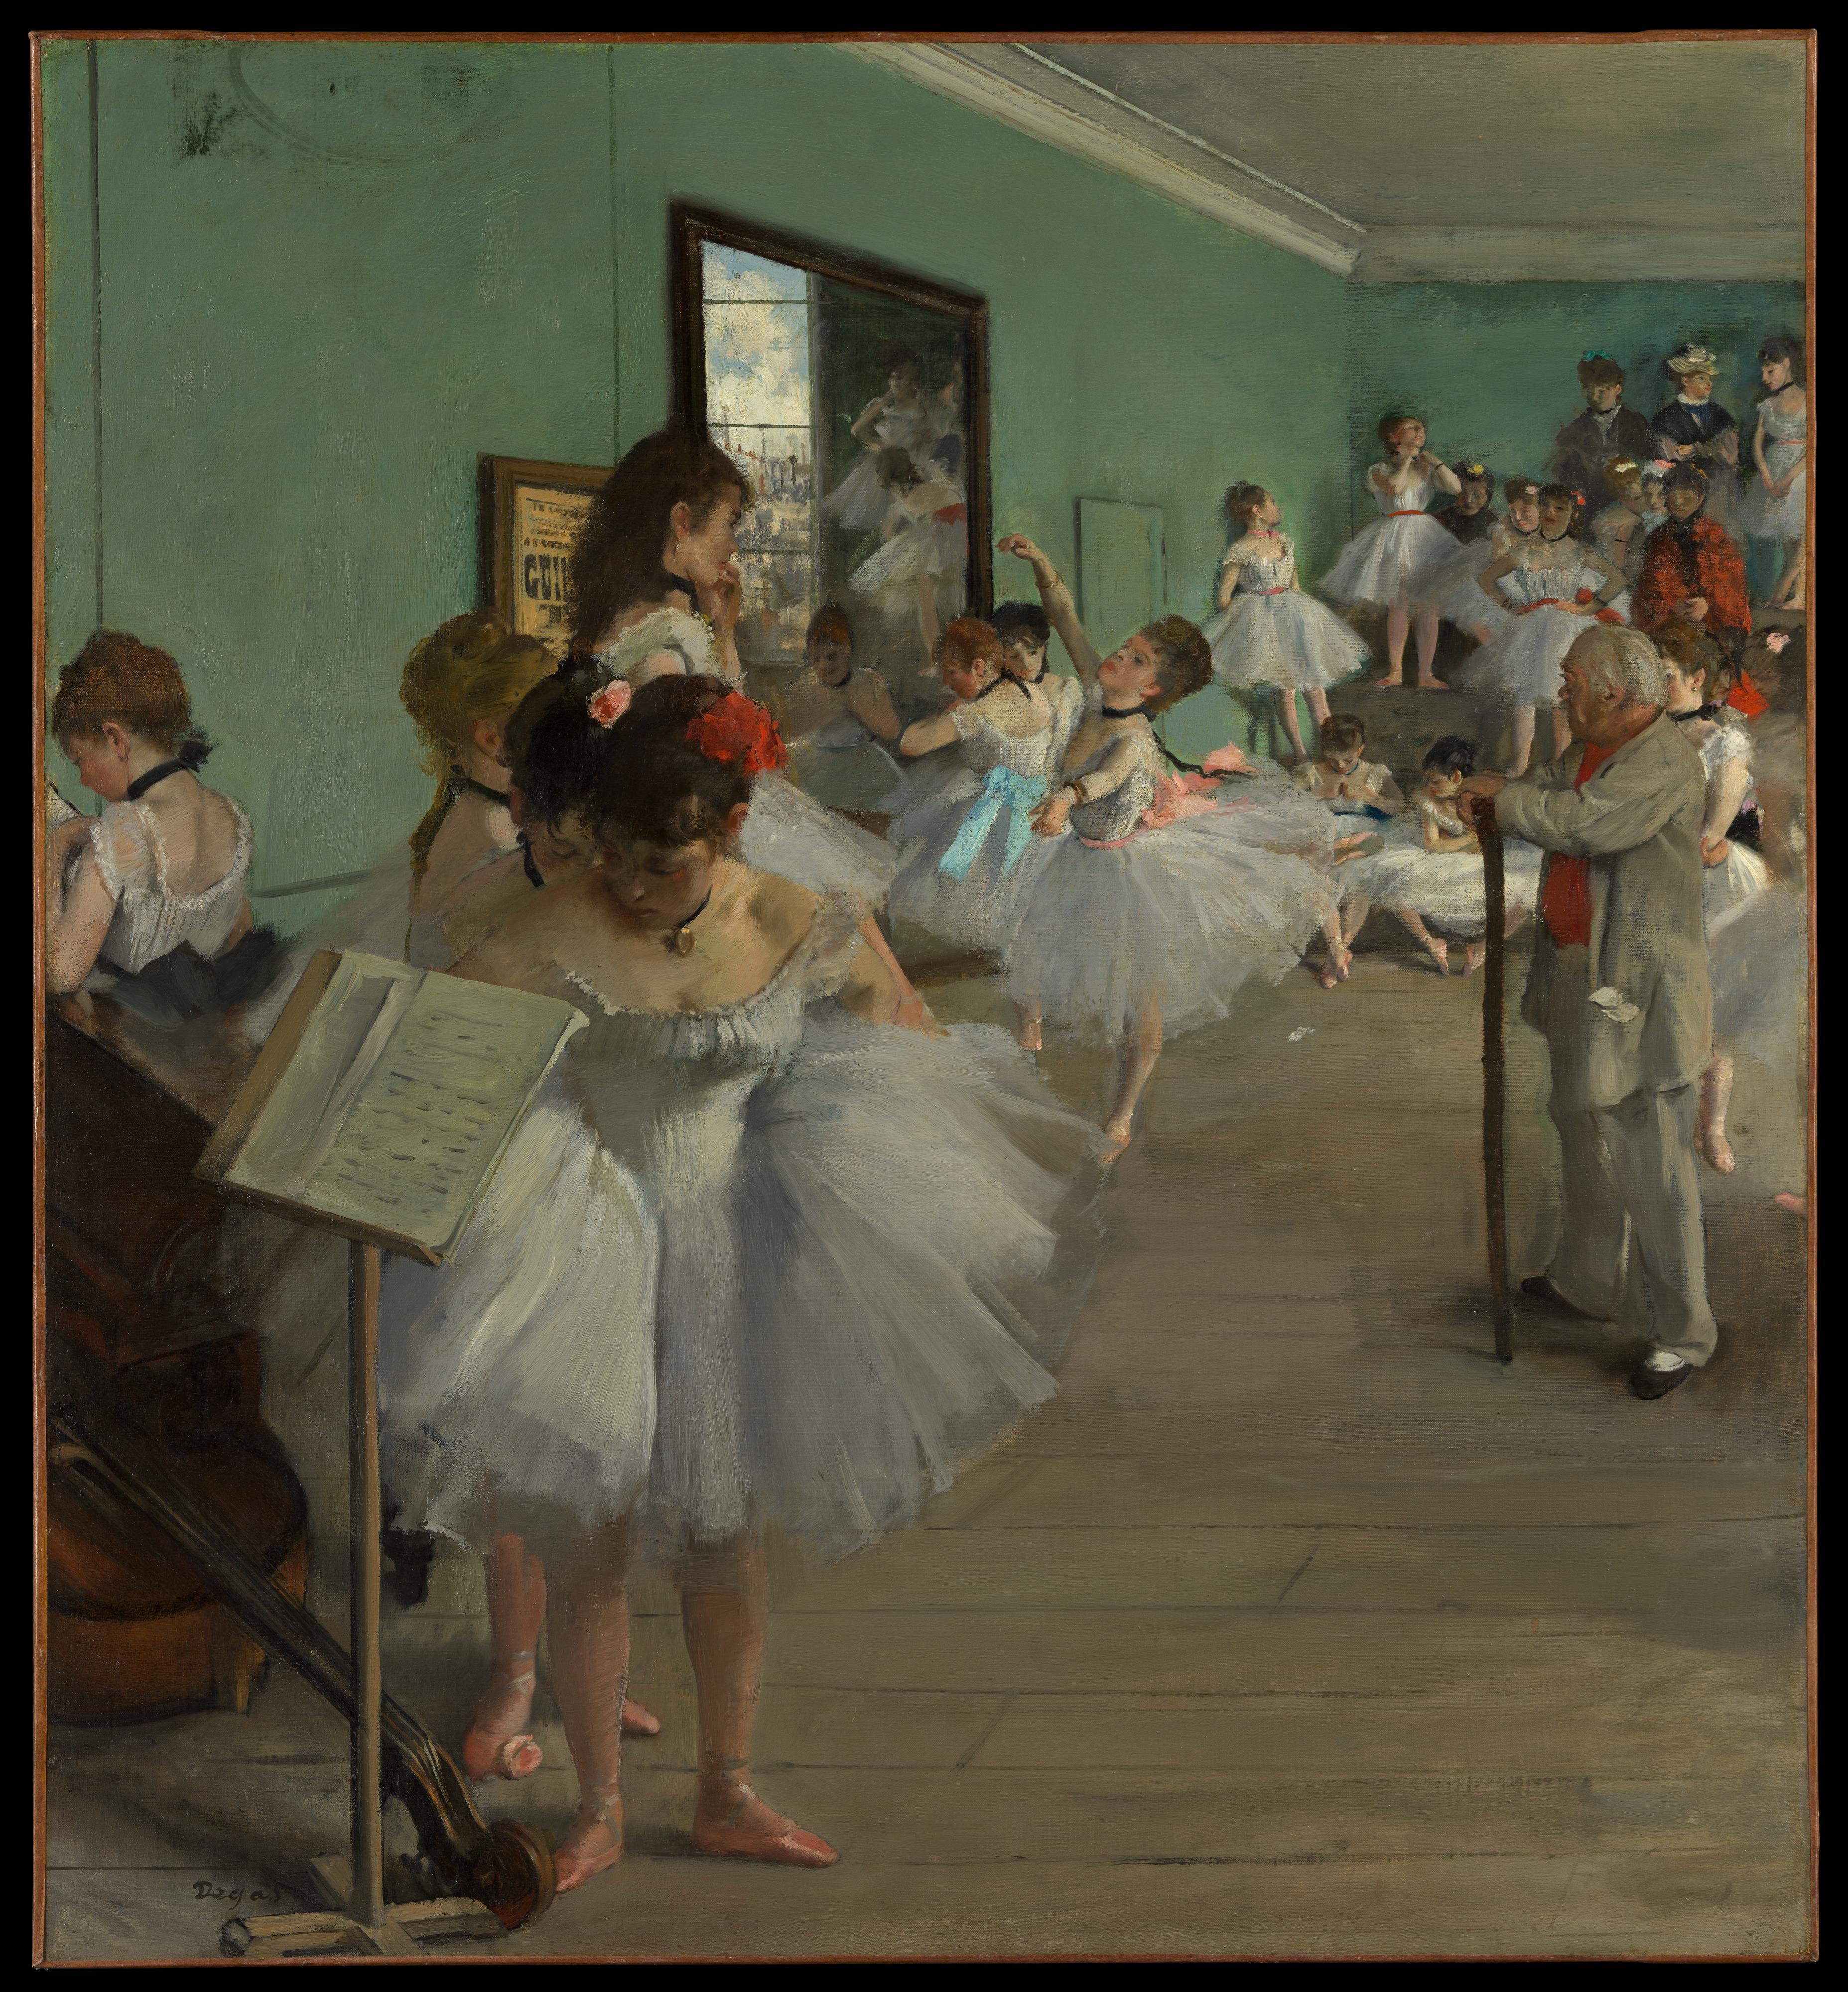 """Quadro de Edgar Degas, """"La classe de danse""""."""